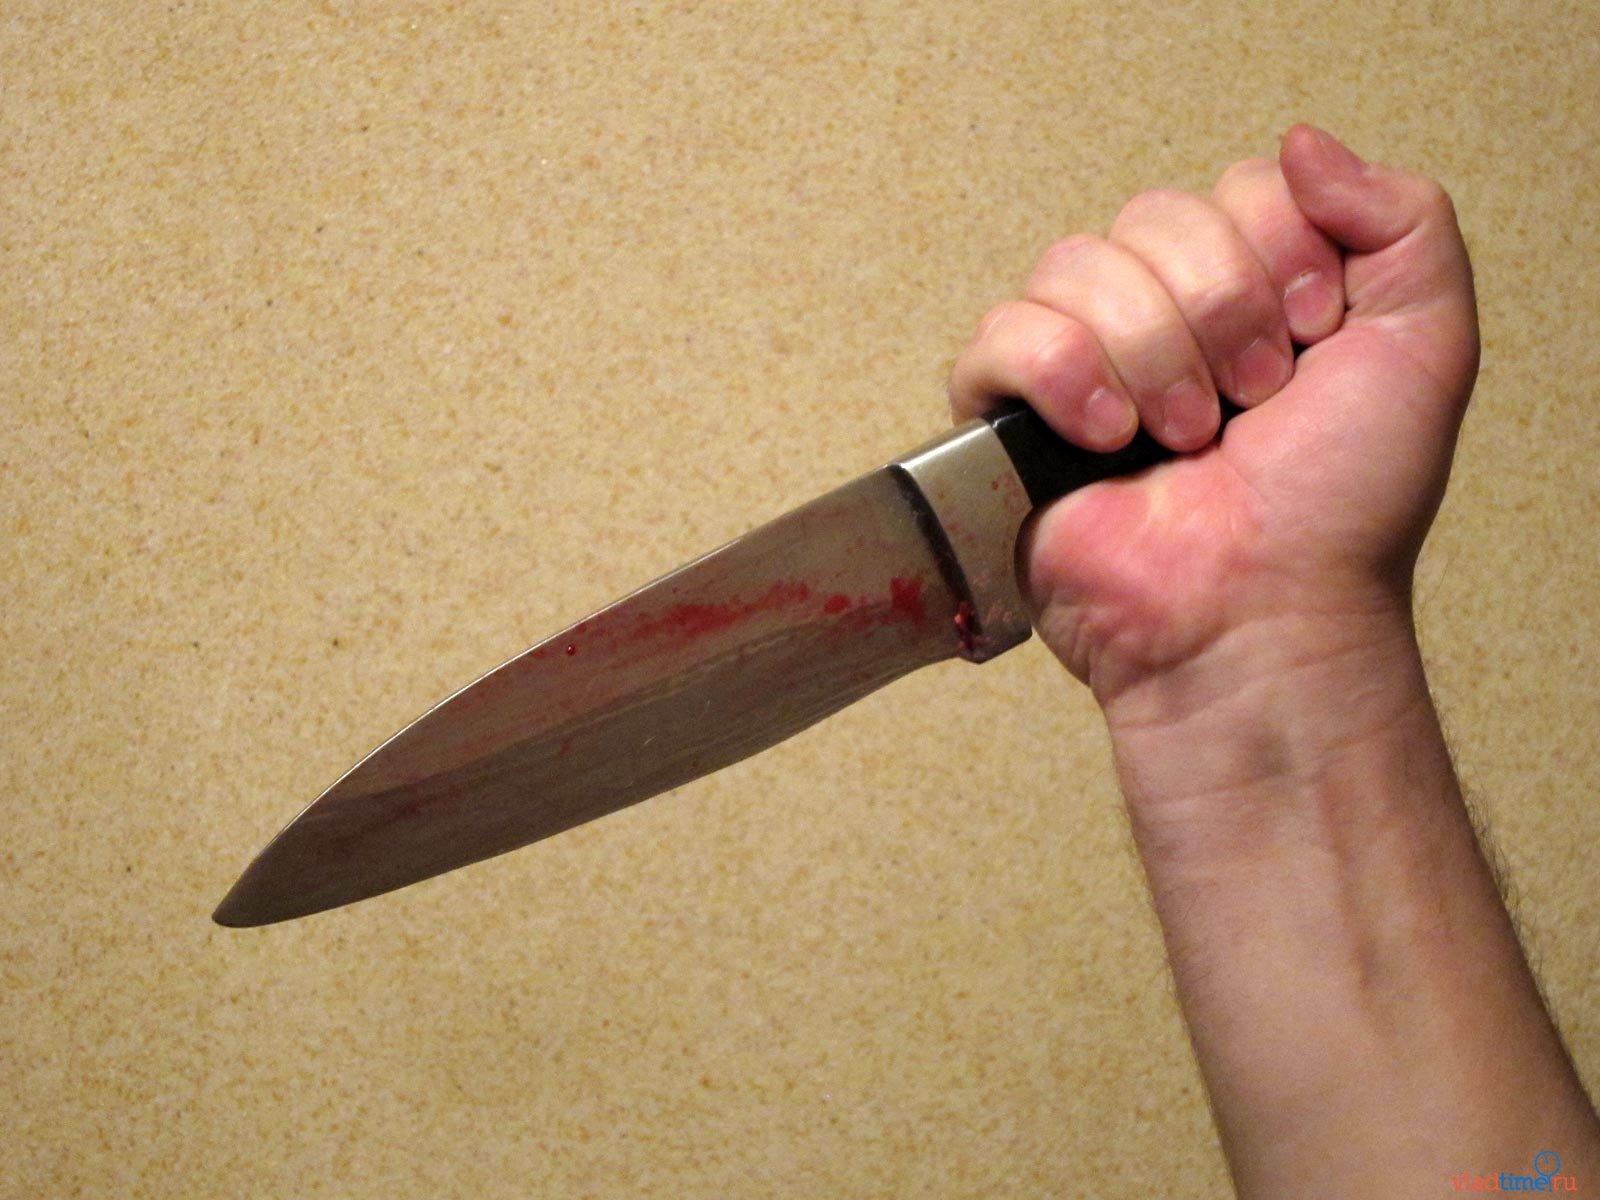 Вологжанка убила мужа, спрятала тело в бане и проболталась об этом друзьям